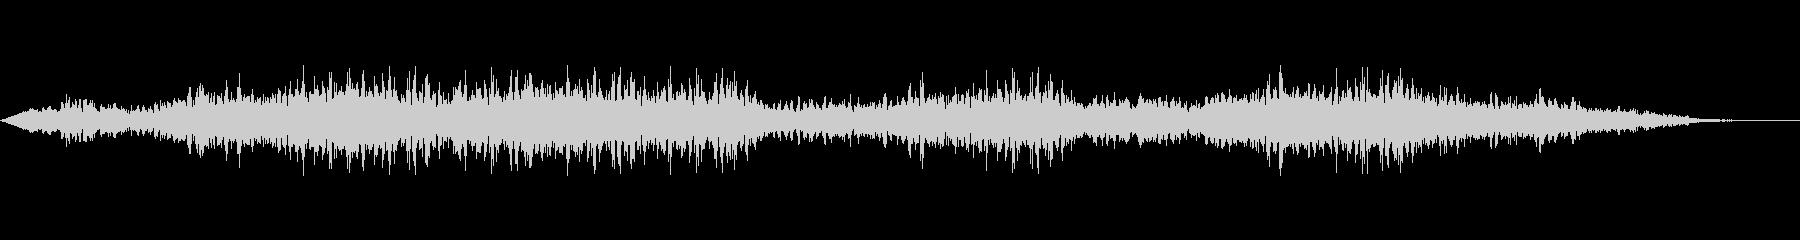 戦場のヘリ、サイレン、マシンガンの音の未再生の波形